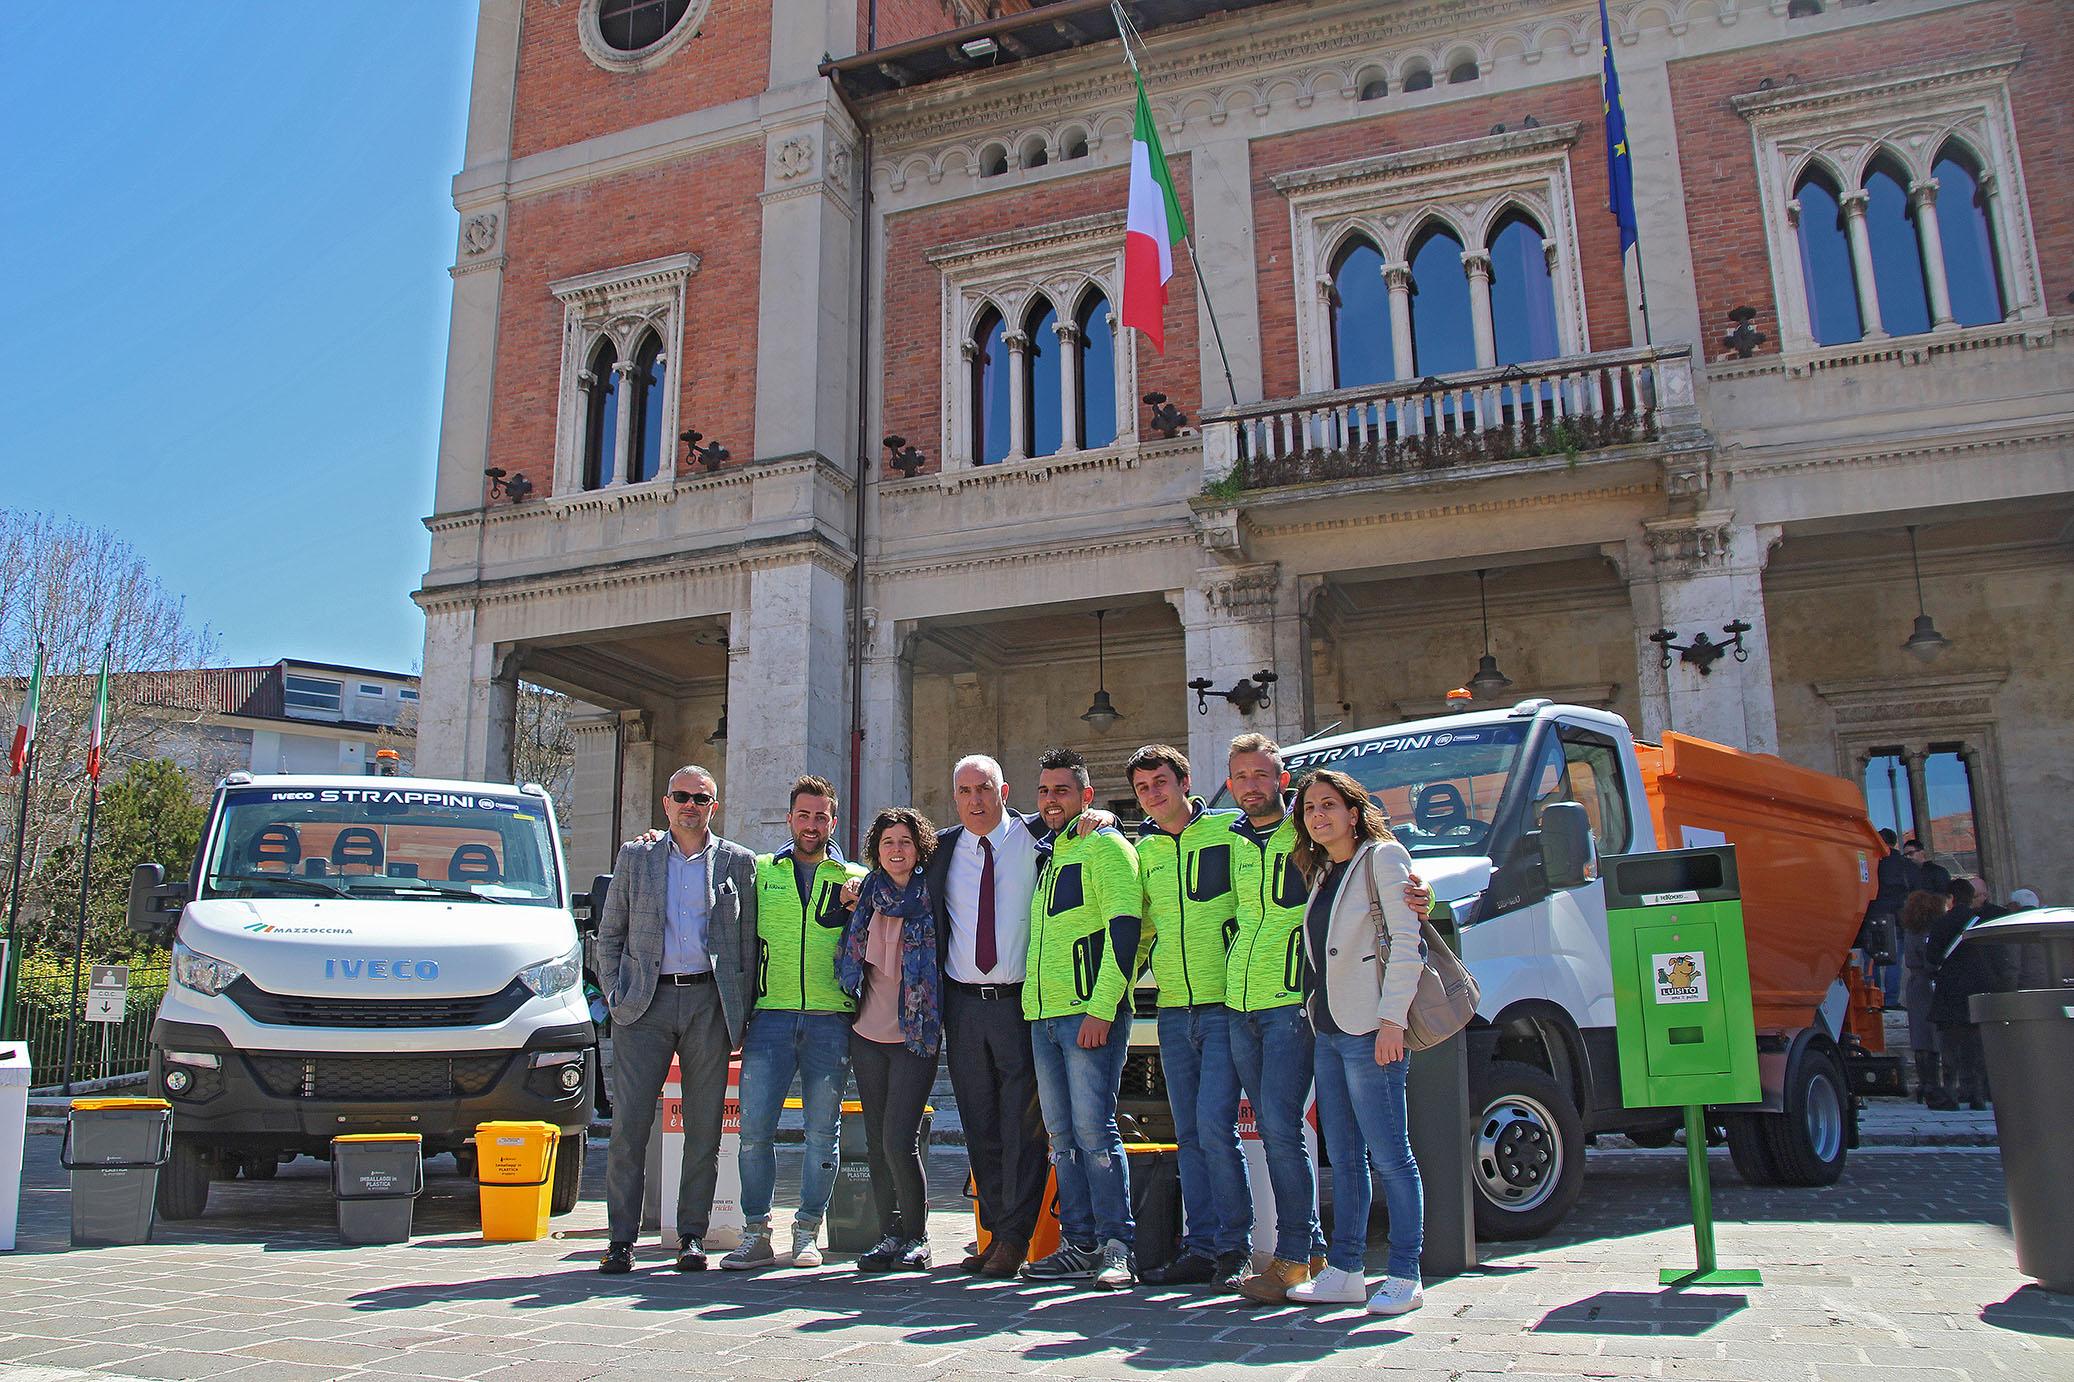 Ecco i nuovi servizi Tekneko per il Comune di Avezzano: lotta agli evasori, maggiore pulizia della città e riduzione della produzione dei rifiuti